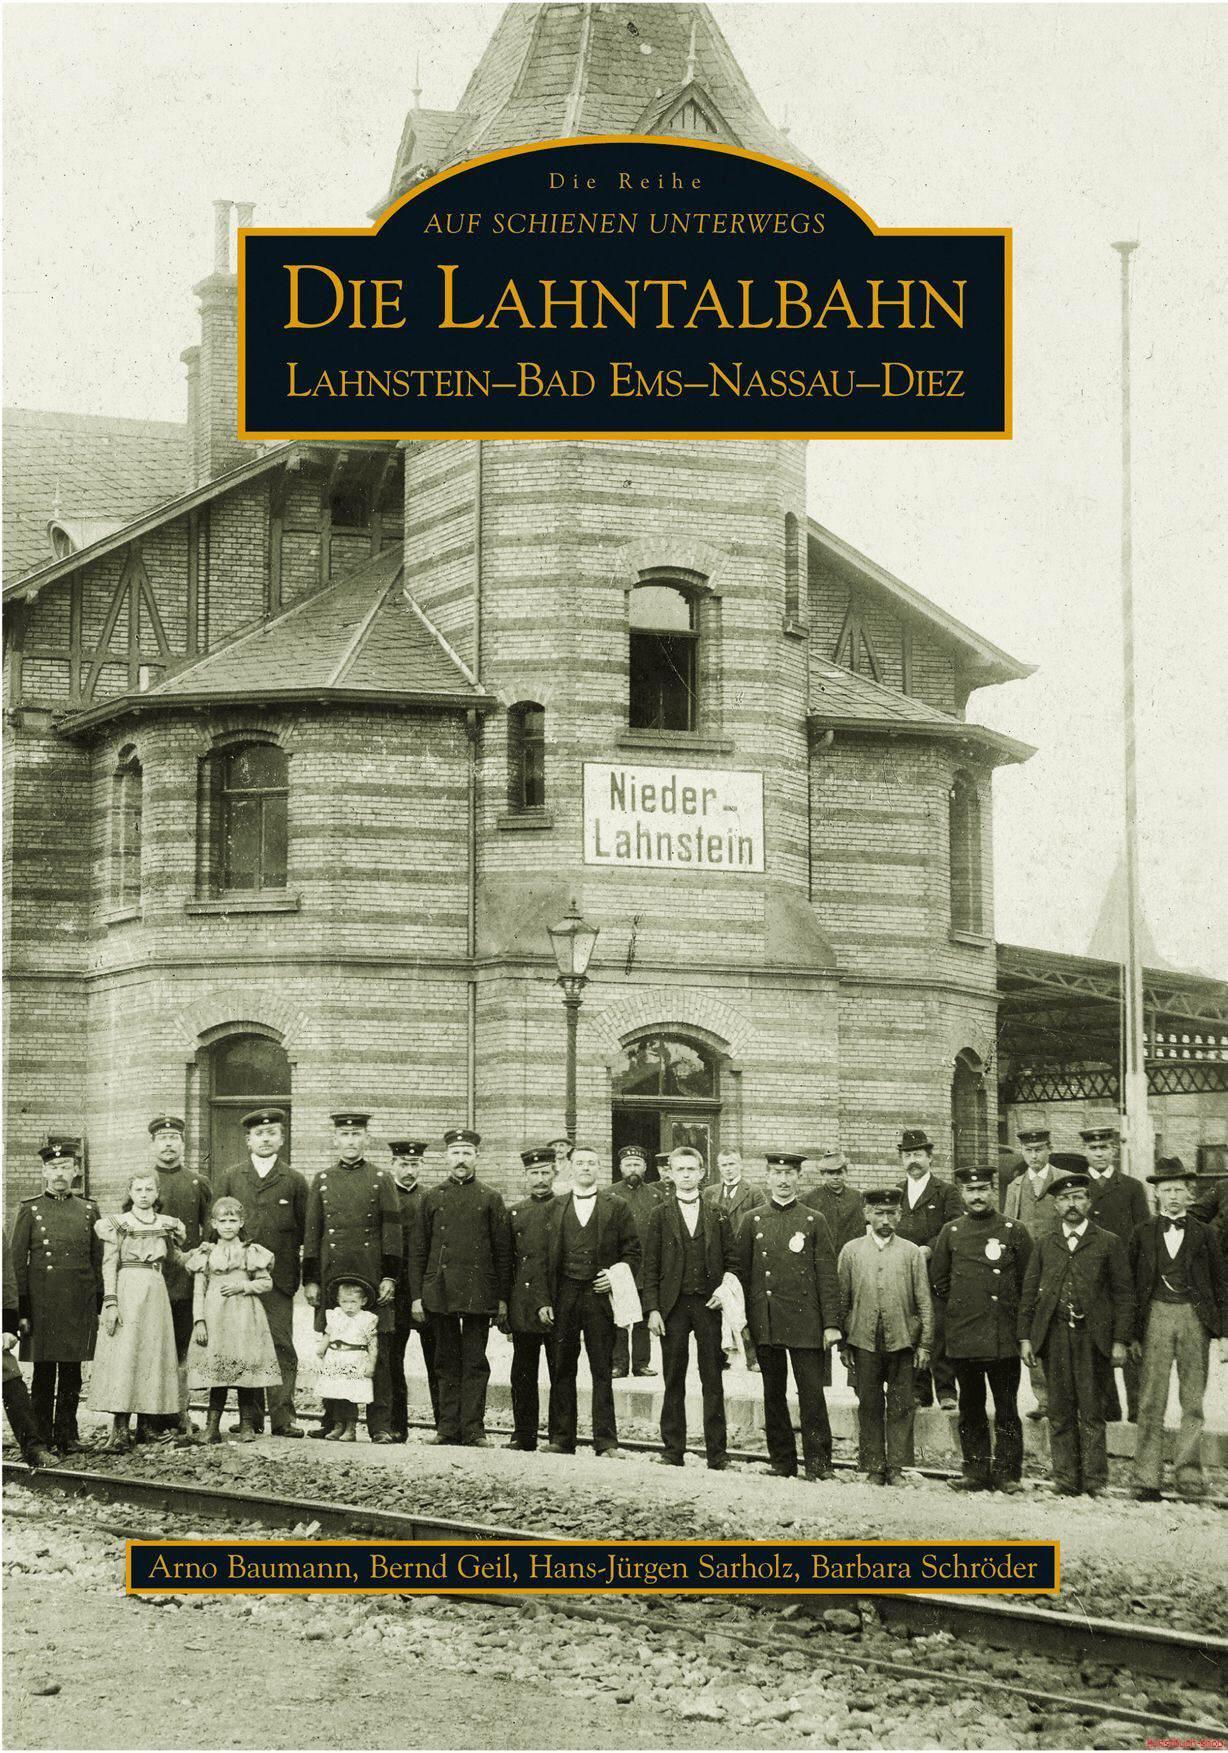 Die Lahntalbahn  LahnsteinBad EmsNassauDiez - Hans-Jürgen Sarholz, Bernd Geil, Barbara Schröder, Arno Baumann